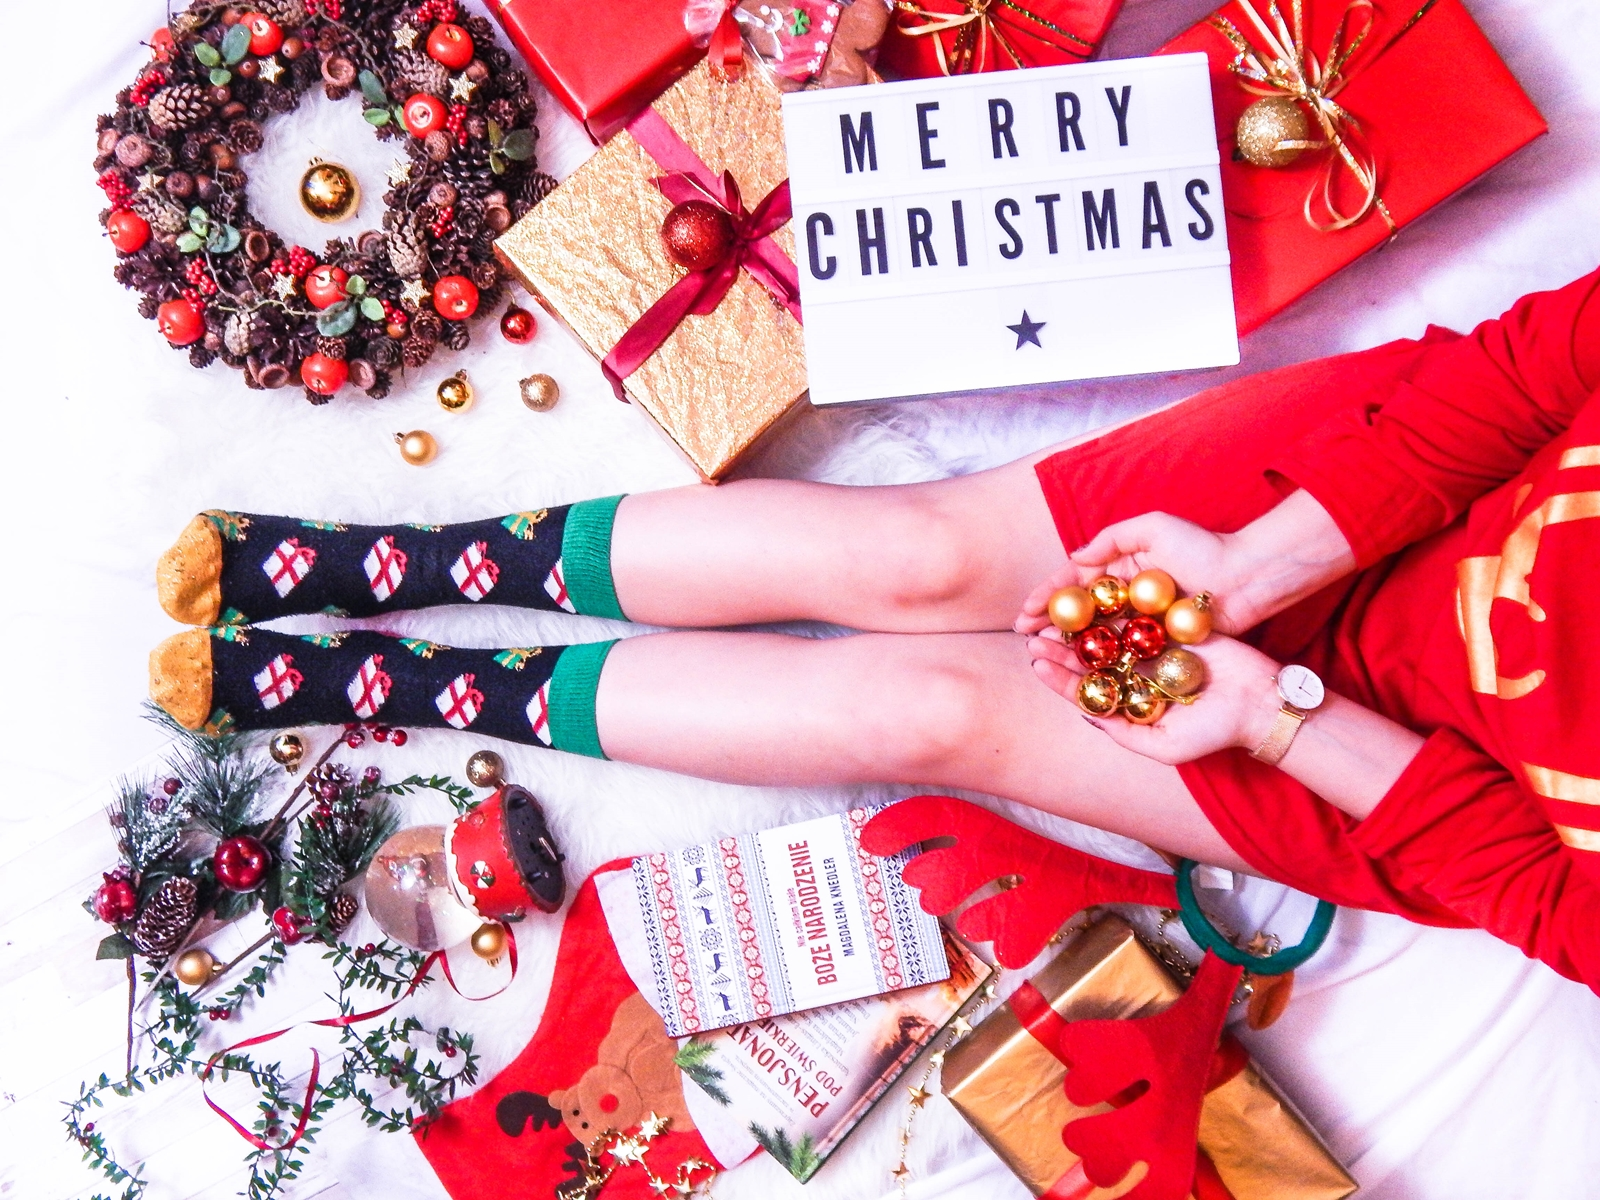 1 100 pomysłów co robić w grudniu co robić w święta jak spędzić święta z rodziną ze znajomymi jak nie nudzić się w święta zimą aktywności pomysły na zimowe grudniowe wieczory co przygotować jak do bożego narodzenia